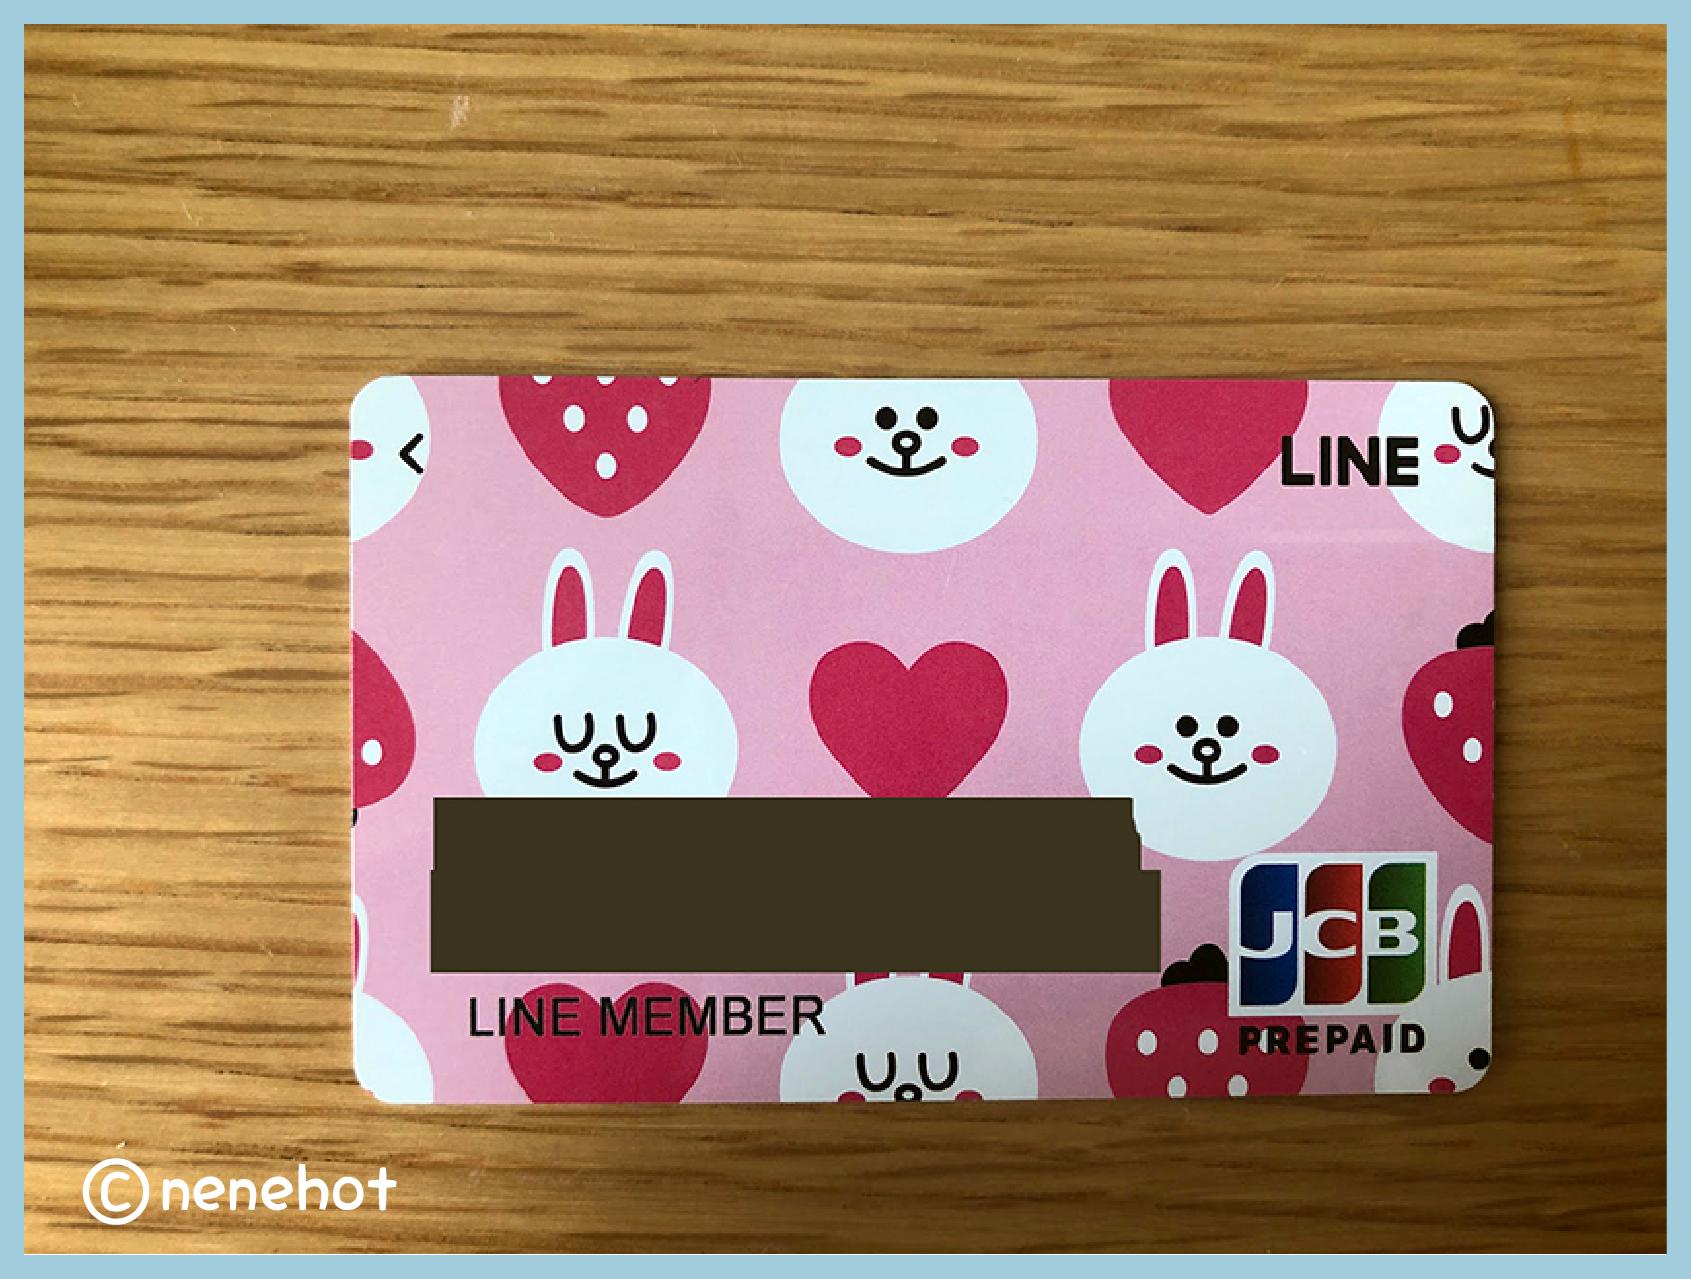 LINEPayカードの画像